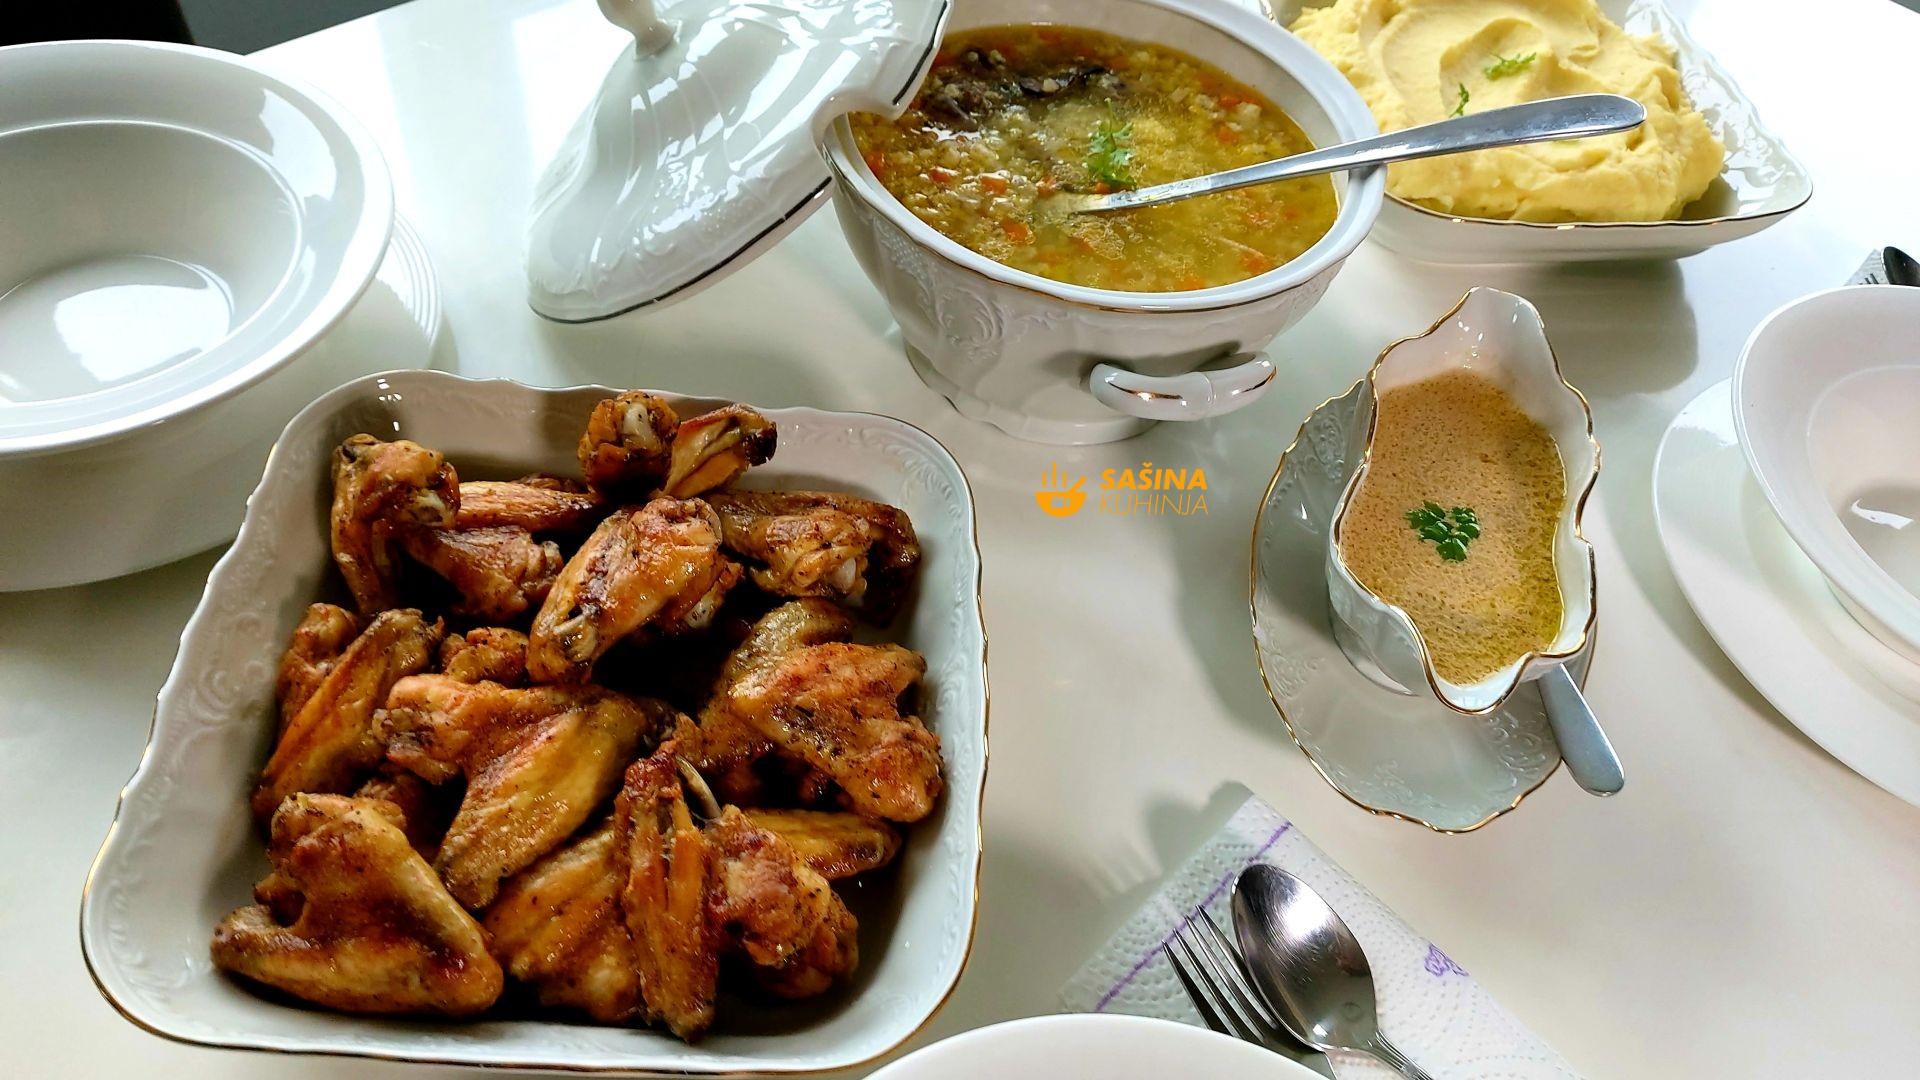 Pileća krilca s pivom, juha, pire i umak recept za kompletan ručak